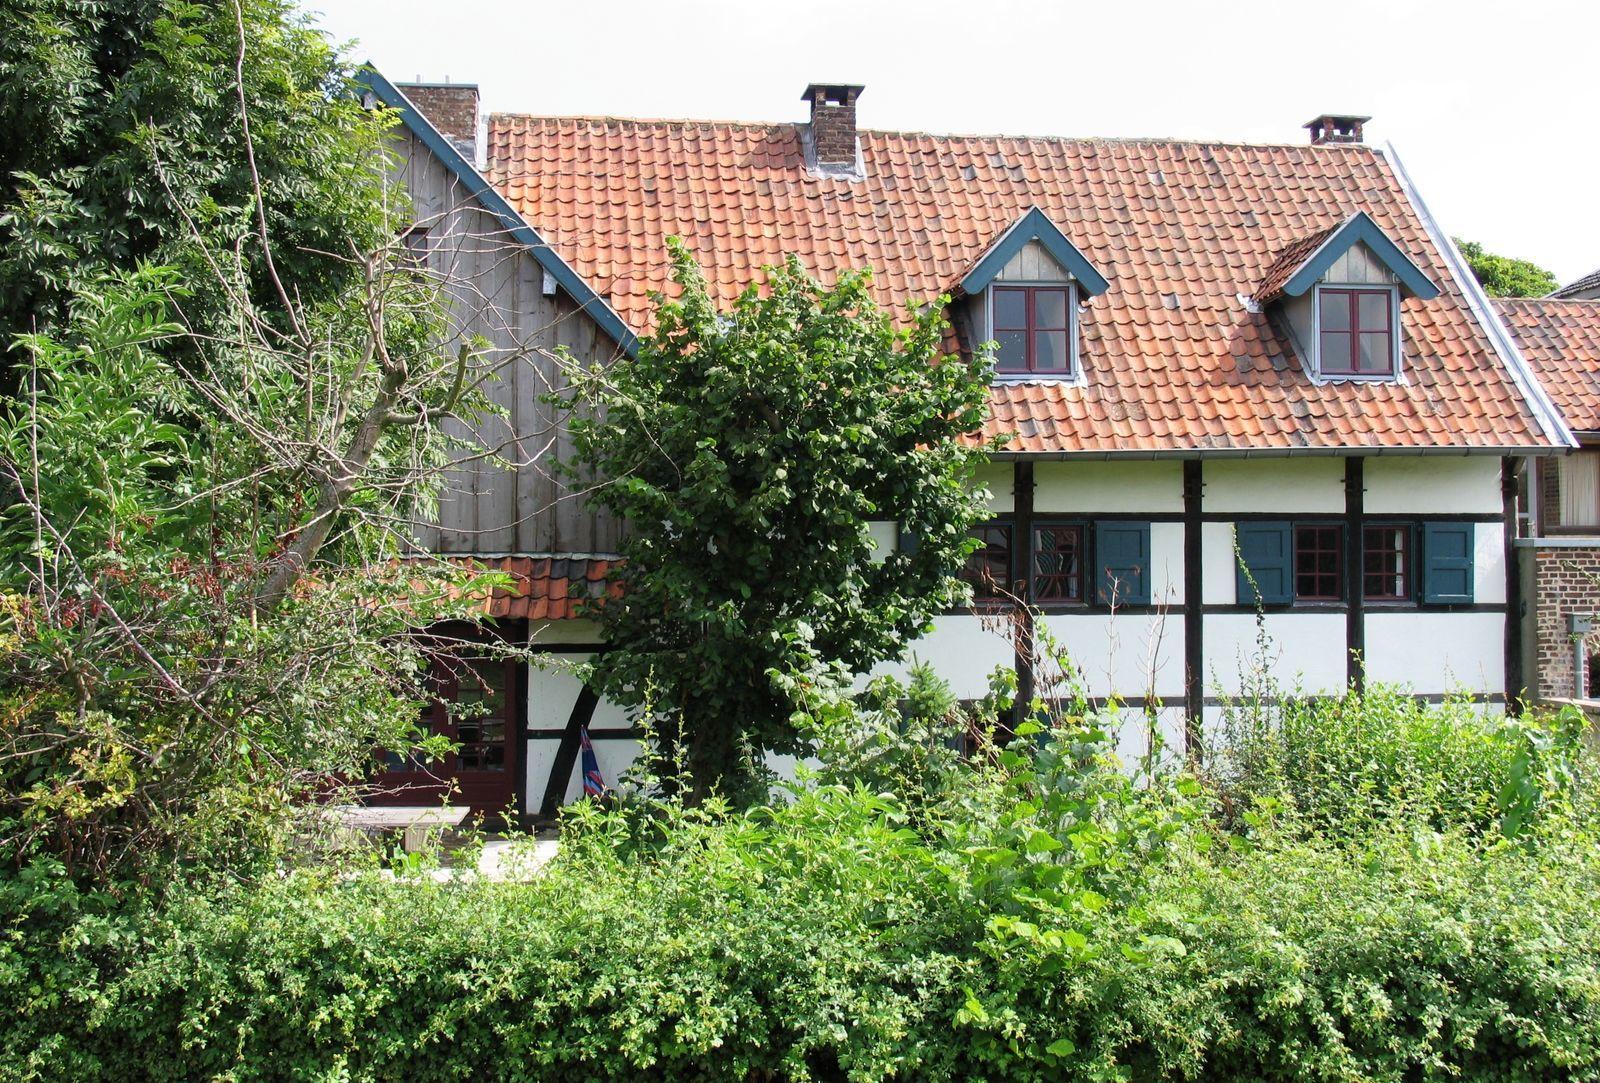 Vakwerkhuis Schuur - weekendje weg in Limburg voor groepen